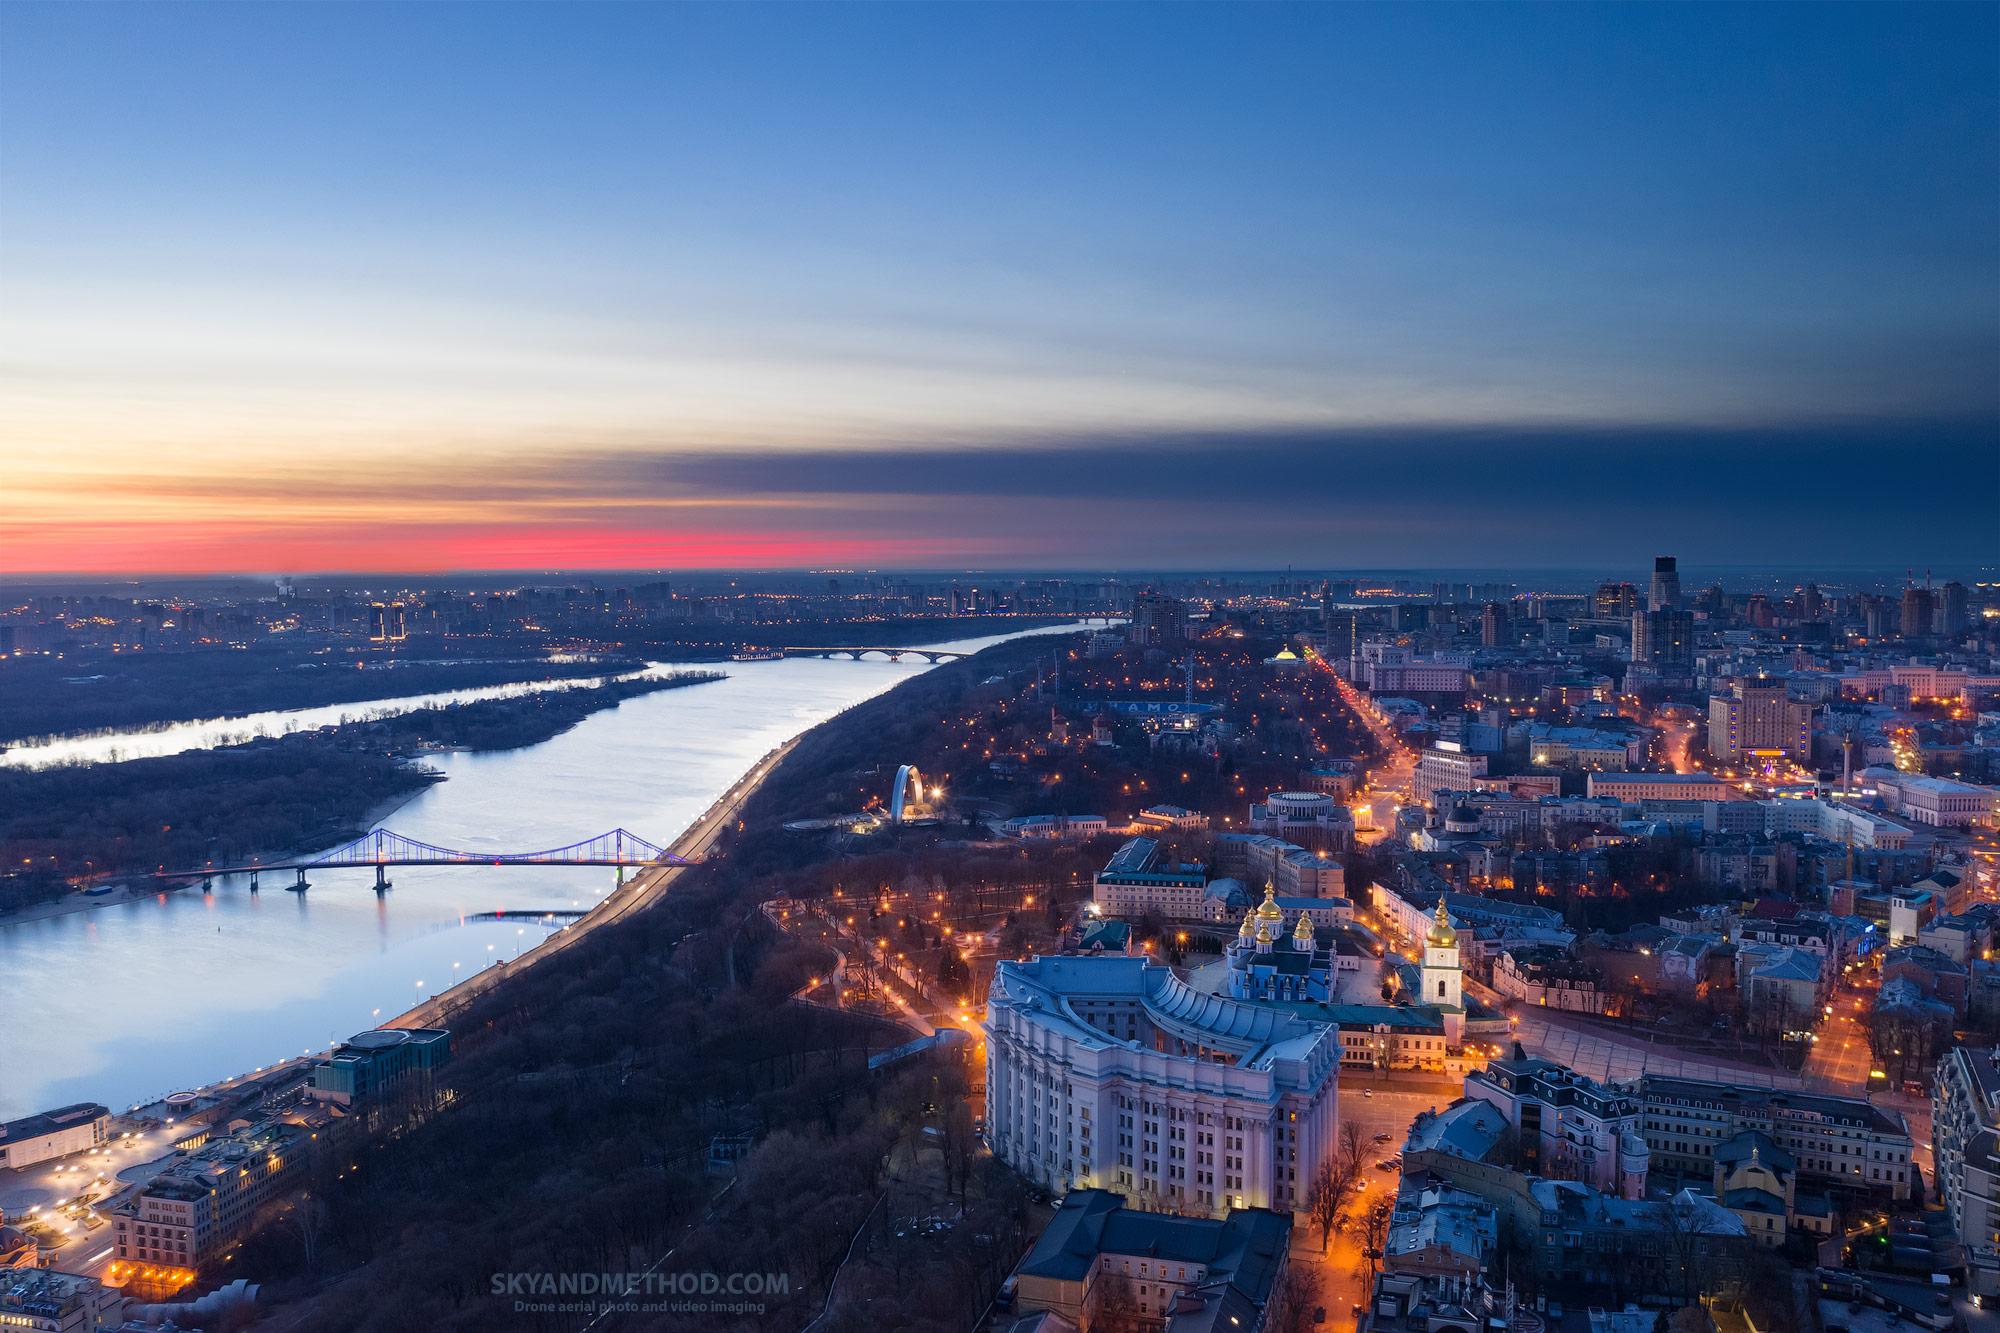 Вид на Михайловскую площадь и Днепр. Один из самых впечатляющих меня ракурсов